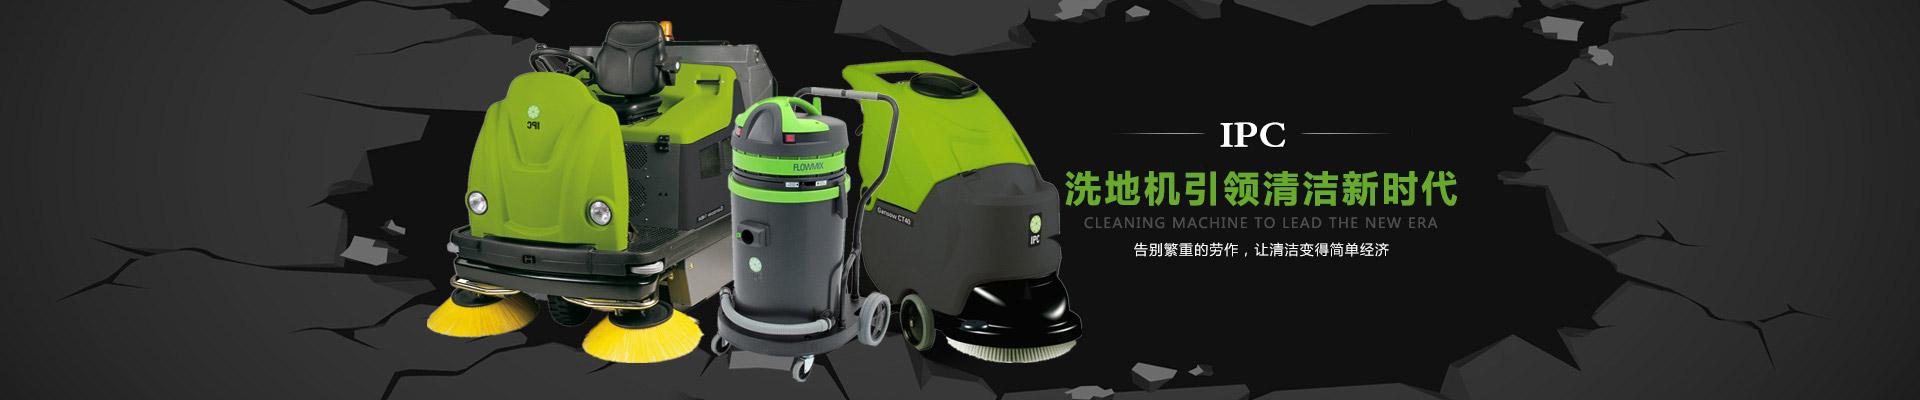 IPC洗地机,扫地机